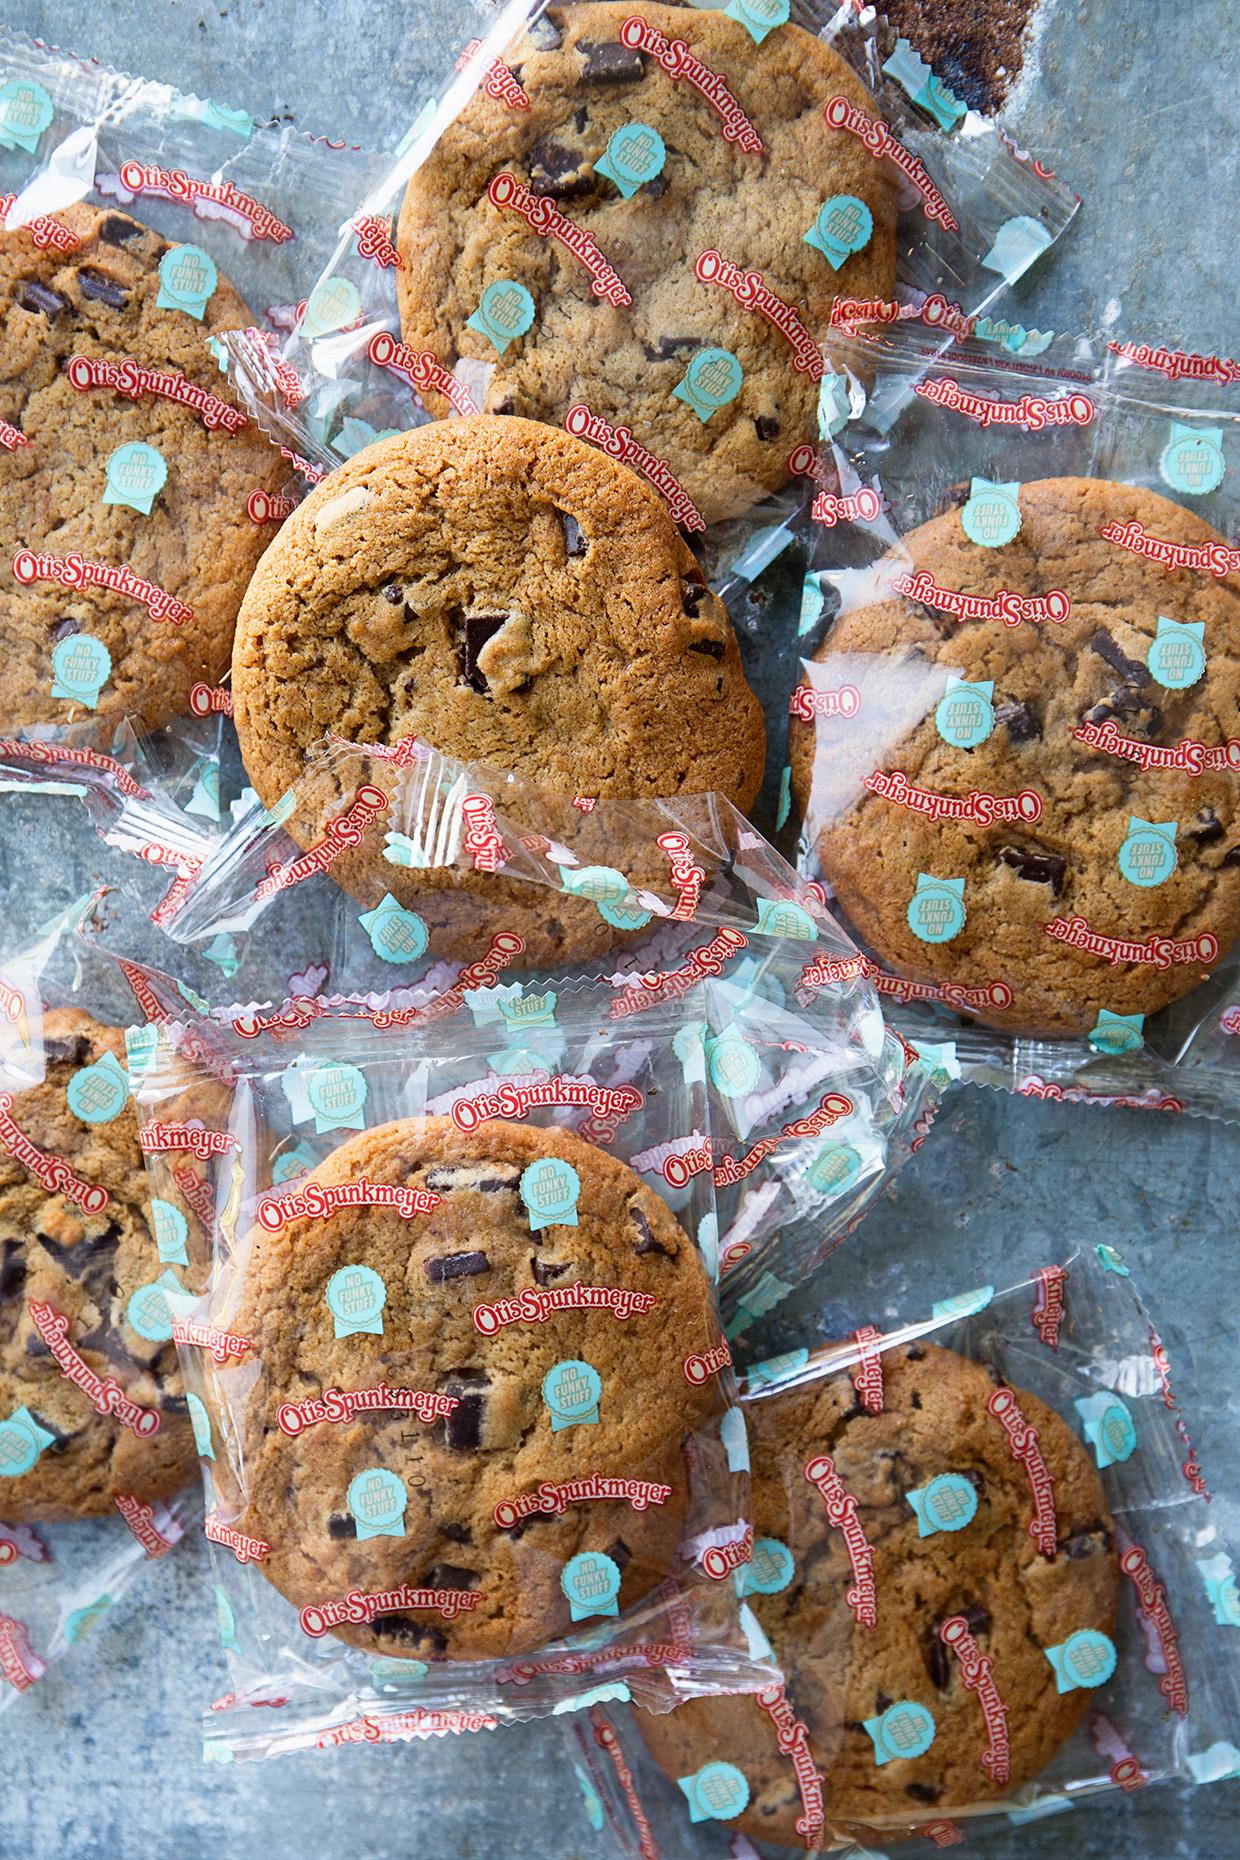 Otis Spumkmeyer Chocolate Chunk Cookies | Real Food by Dad